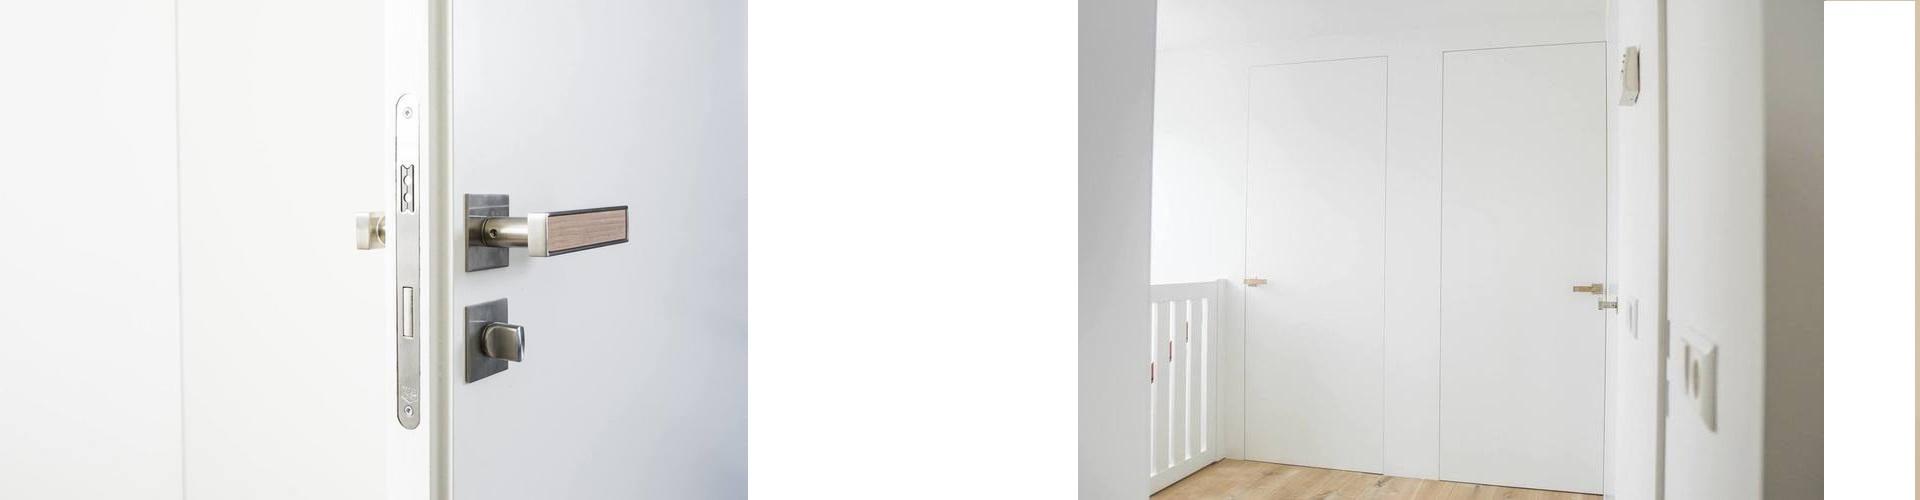 grinwis totaal deuren